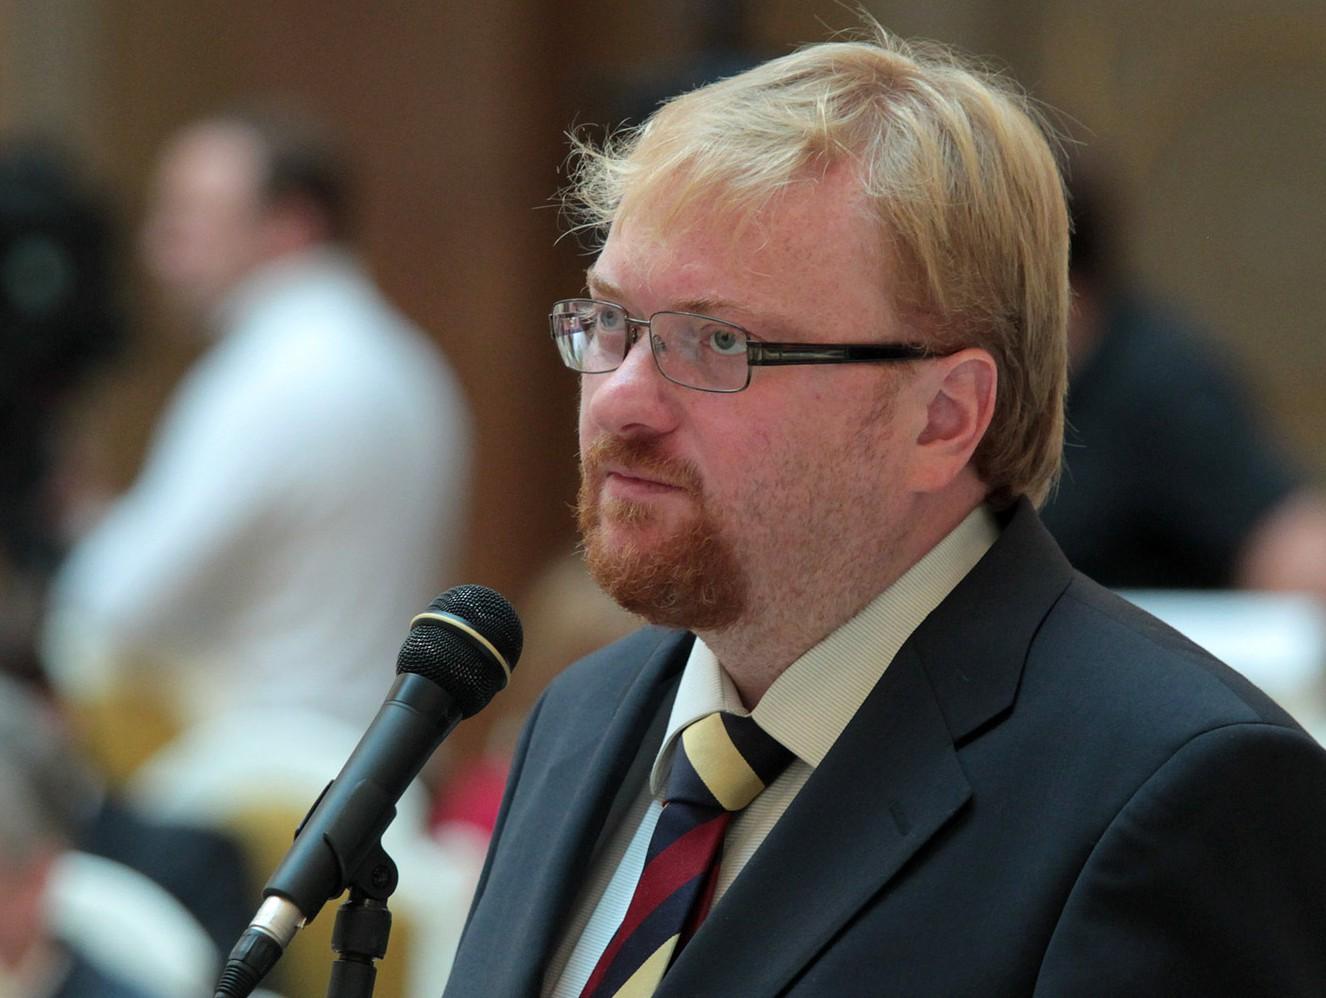 Депутат Милонов просит Роскомнадзор признать Charlie Hebdo экстремистским изданием